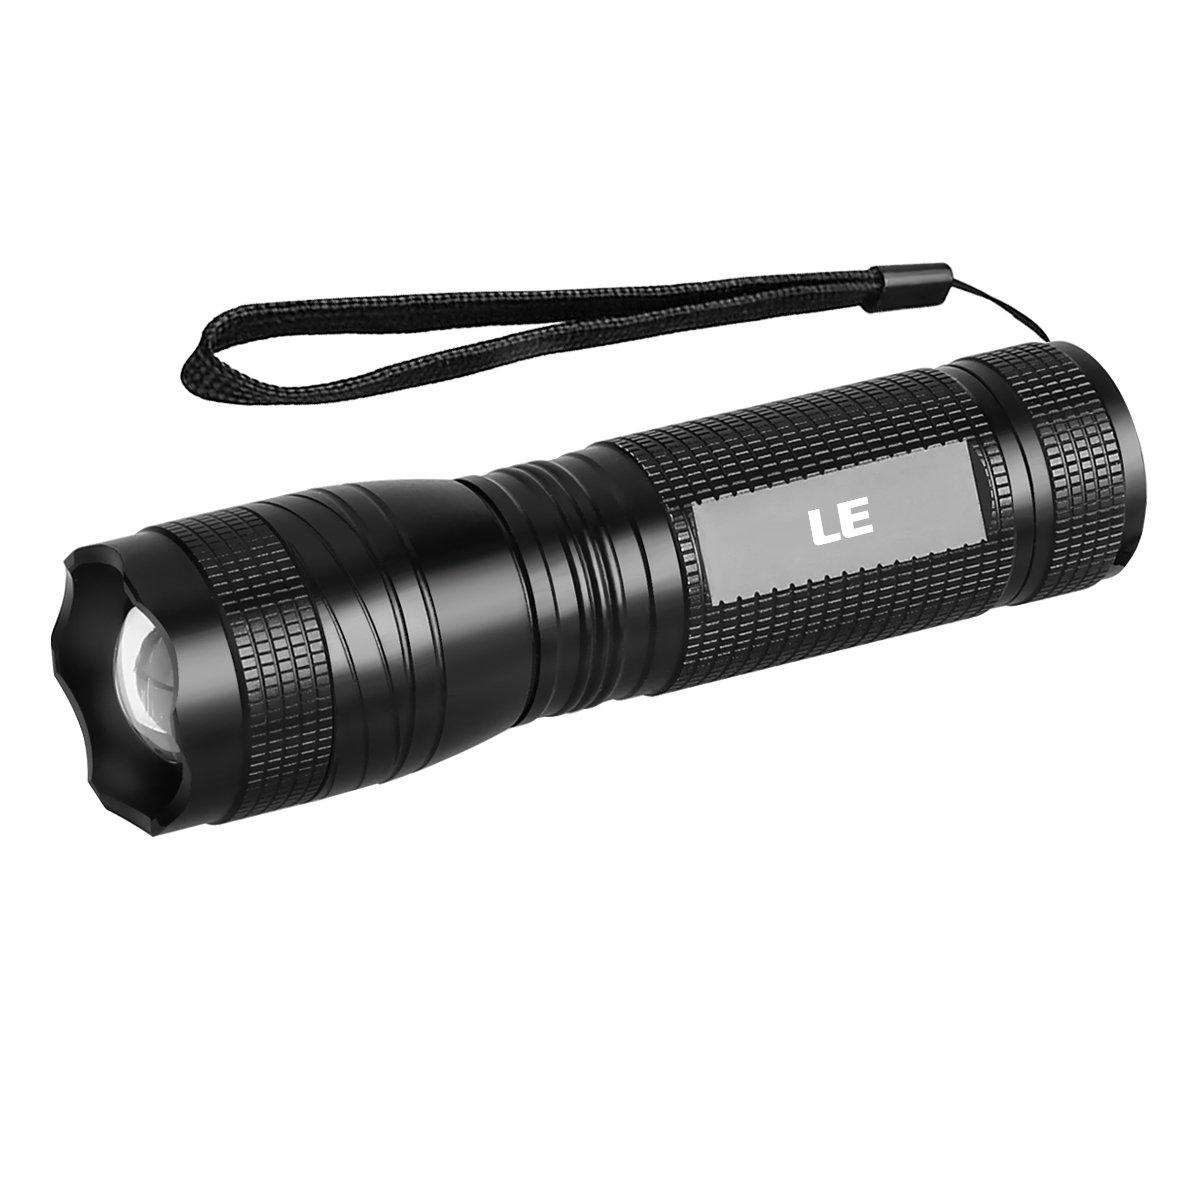 LE Taschenlampe mit UV Licht 300lm Kaltweiß und 395nm UV-Strahler ...